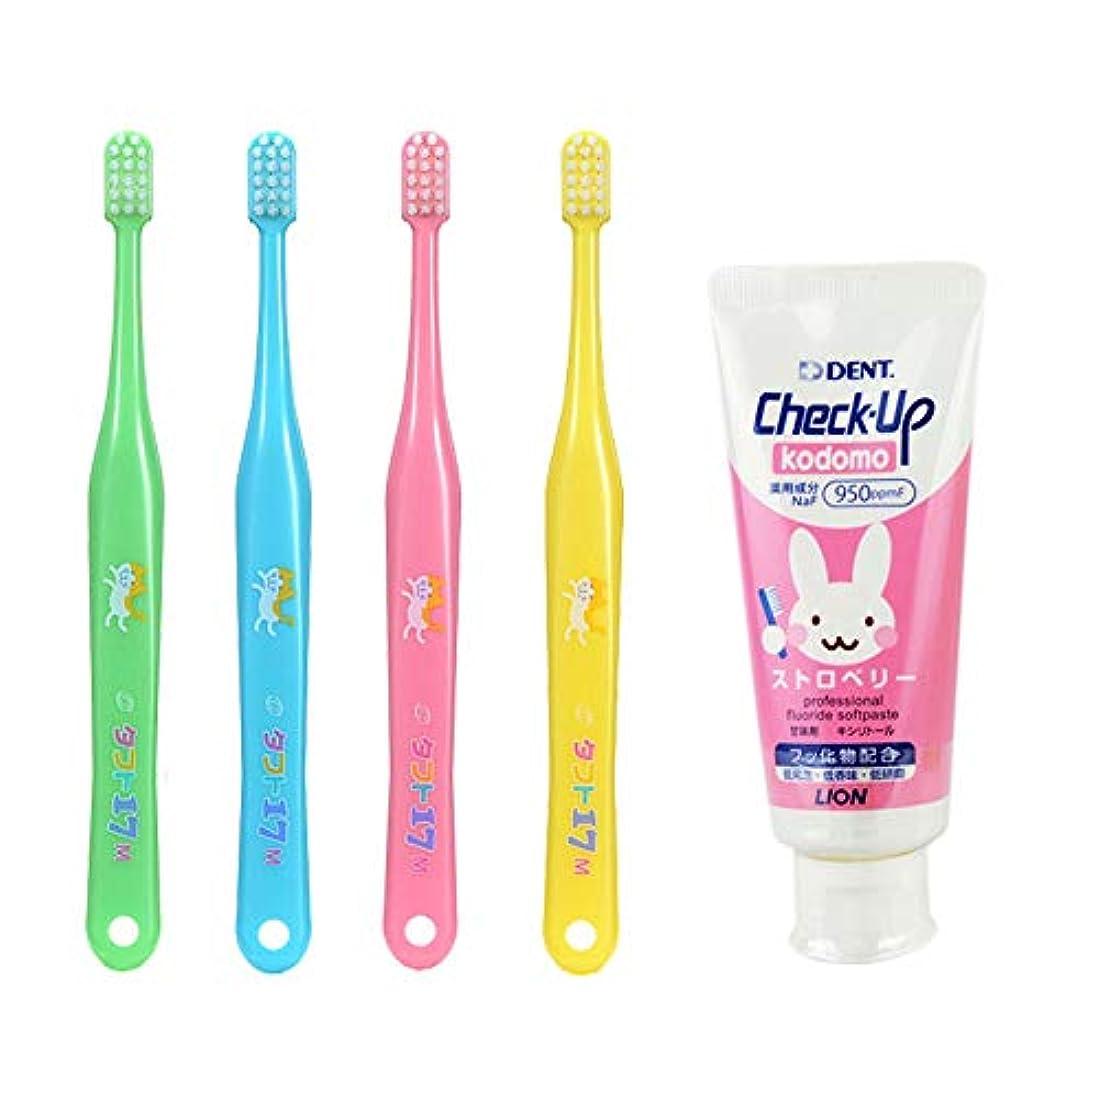 名誉トーク馬力タフト17 M(ふつう) 子ども 歯ブラシ 10本 + チェックアップ コドモ 60g (ストロベリー) 歯磨き粉 歯科専売品